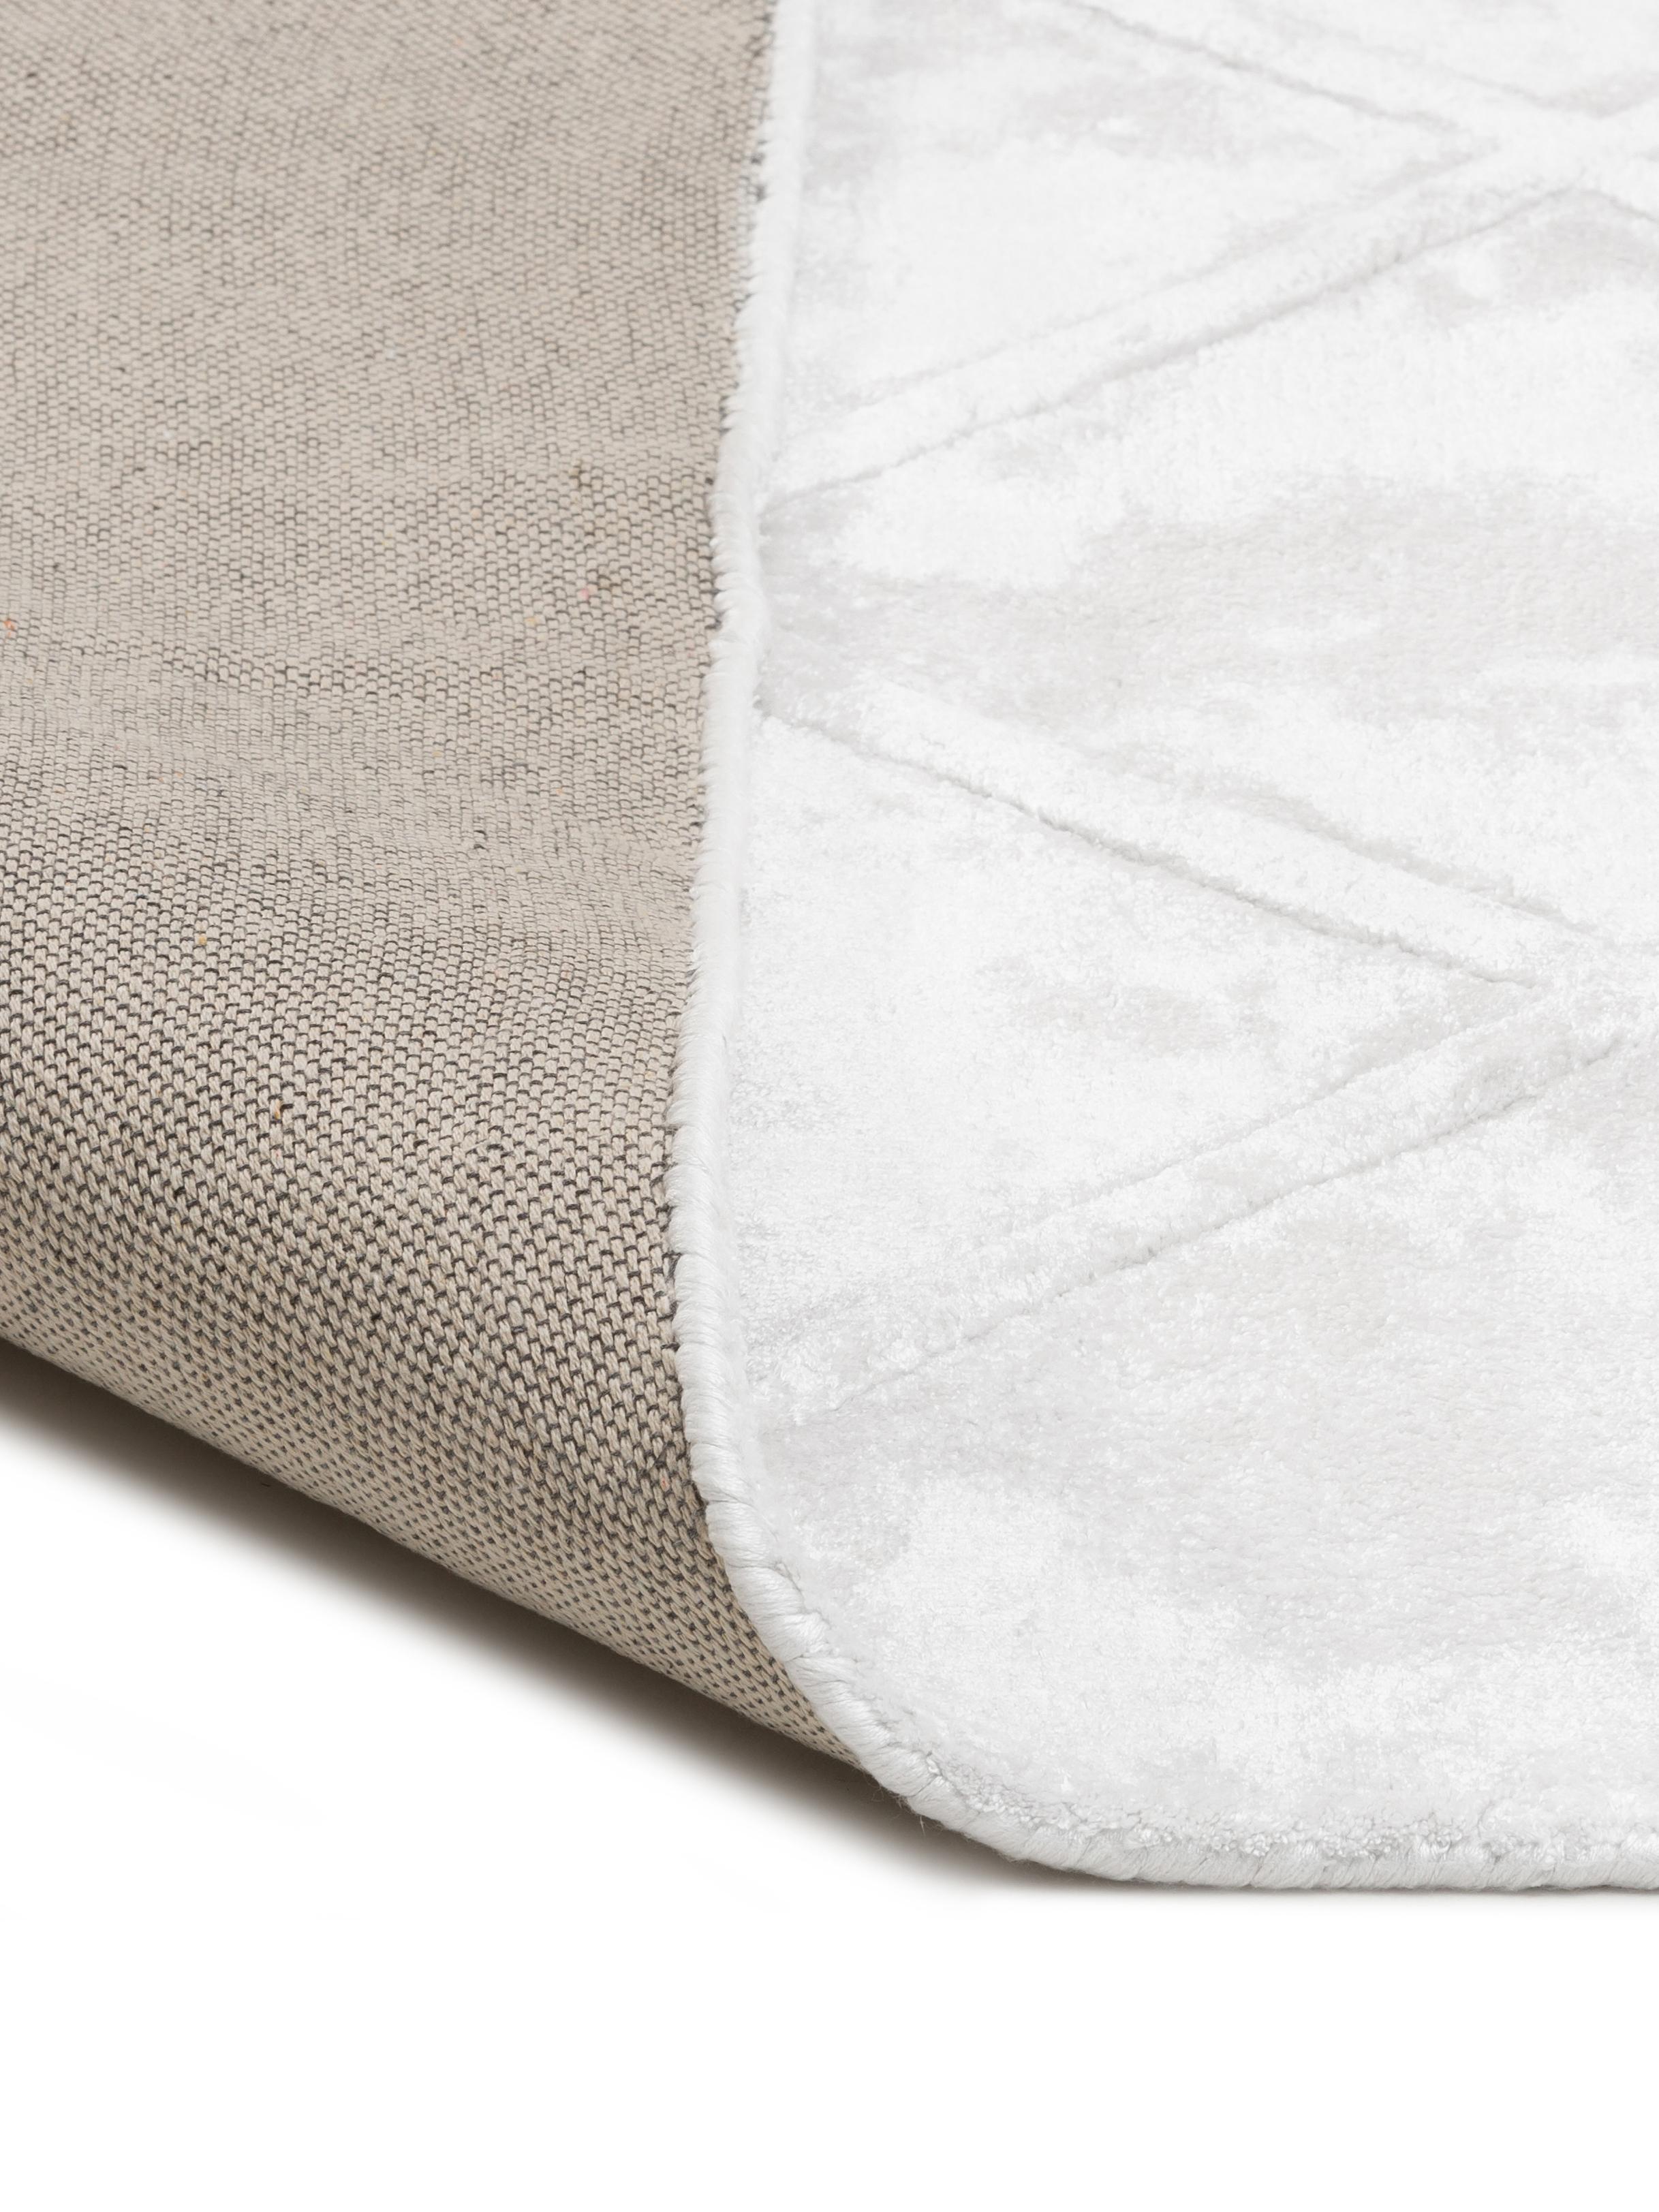 Handgetufteter Viskoseteppich Shiny in Creme mit Rautenmuster, Flor: 100% Viskose, Creme, B 120 x L 180 cm (Größe S)